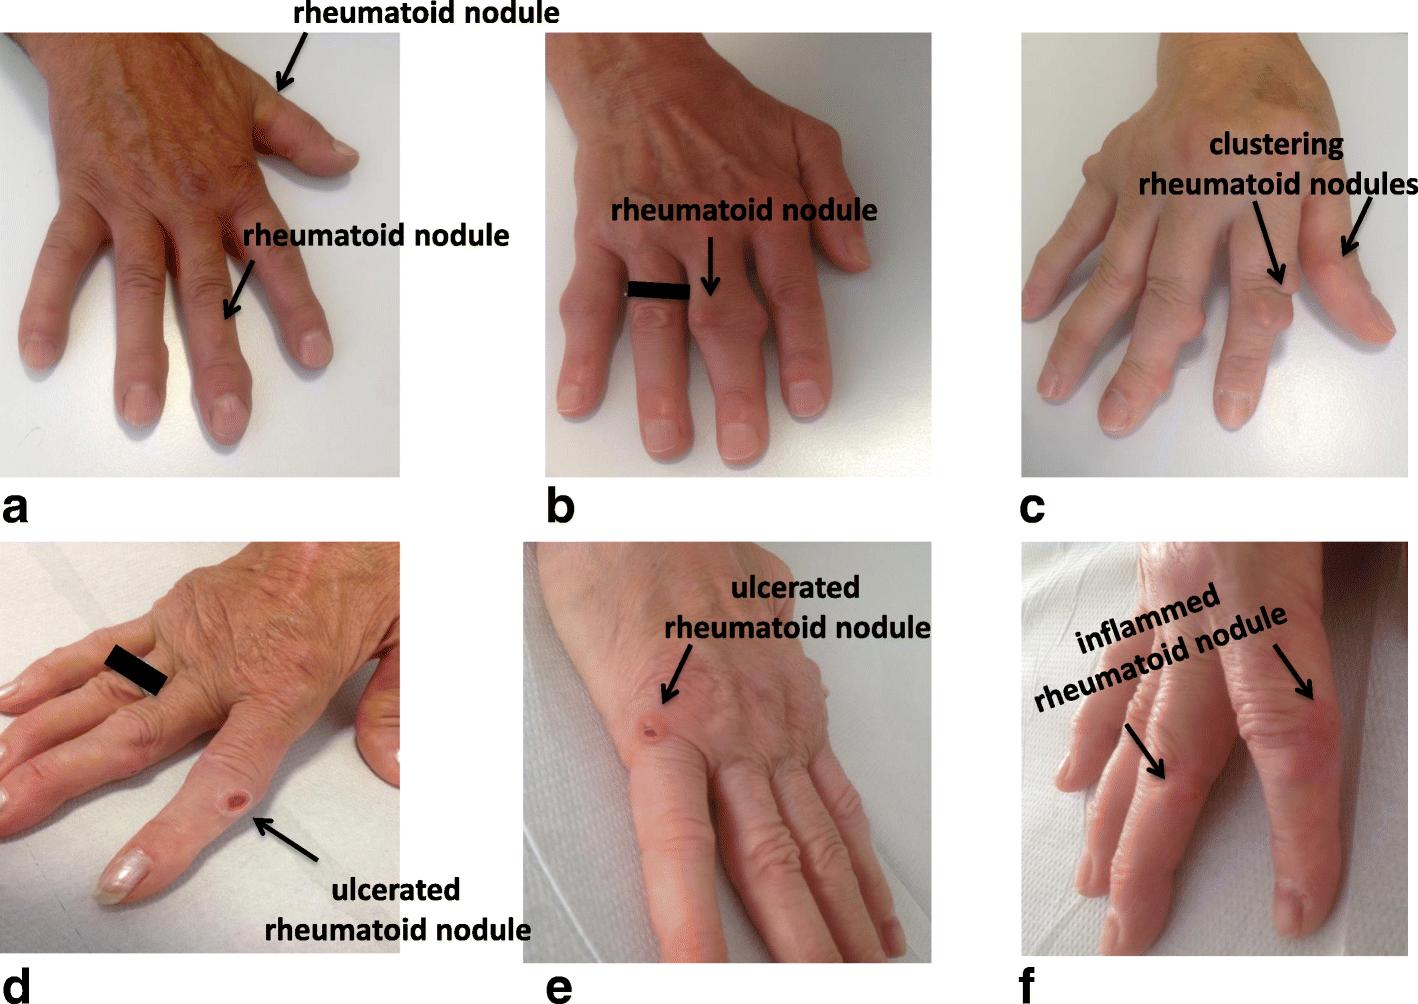 nodulos+subcutaneos+artritis+reumatoide